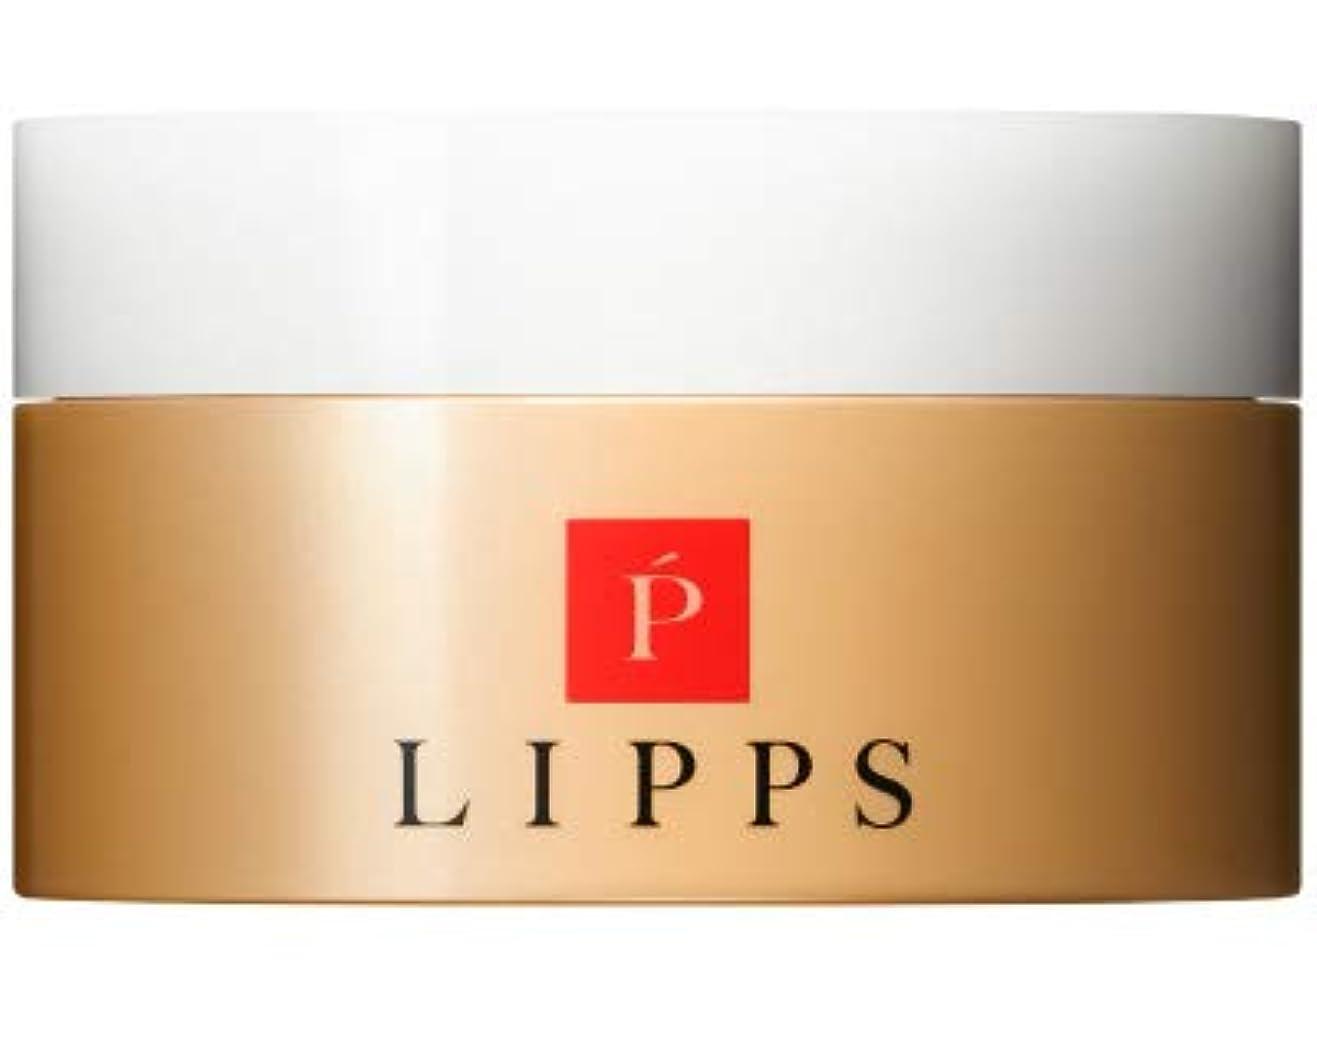 フォロー影響クリア【ふわっと動く×自由自在な束感】LIPPS L12フリーキープワックス (85g)